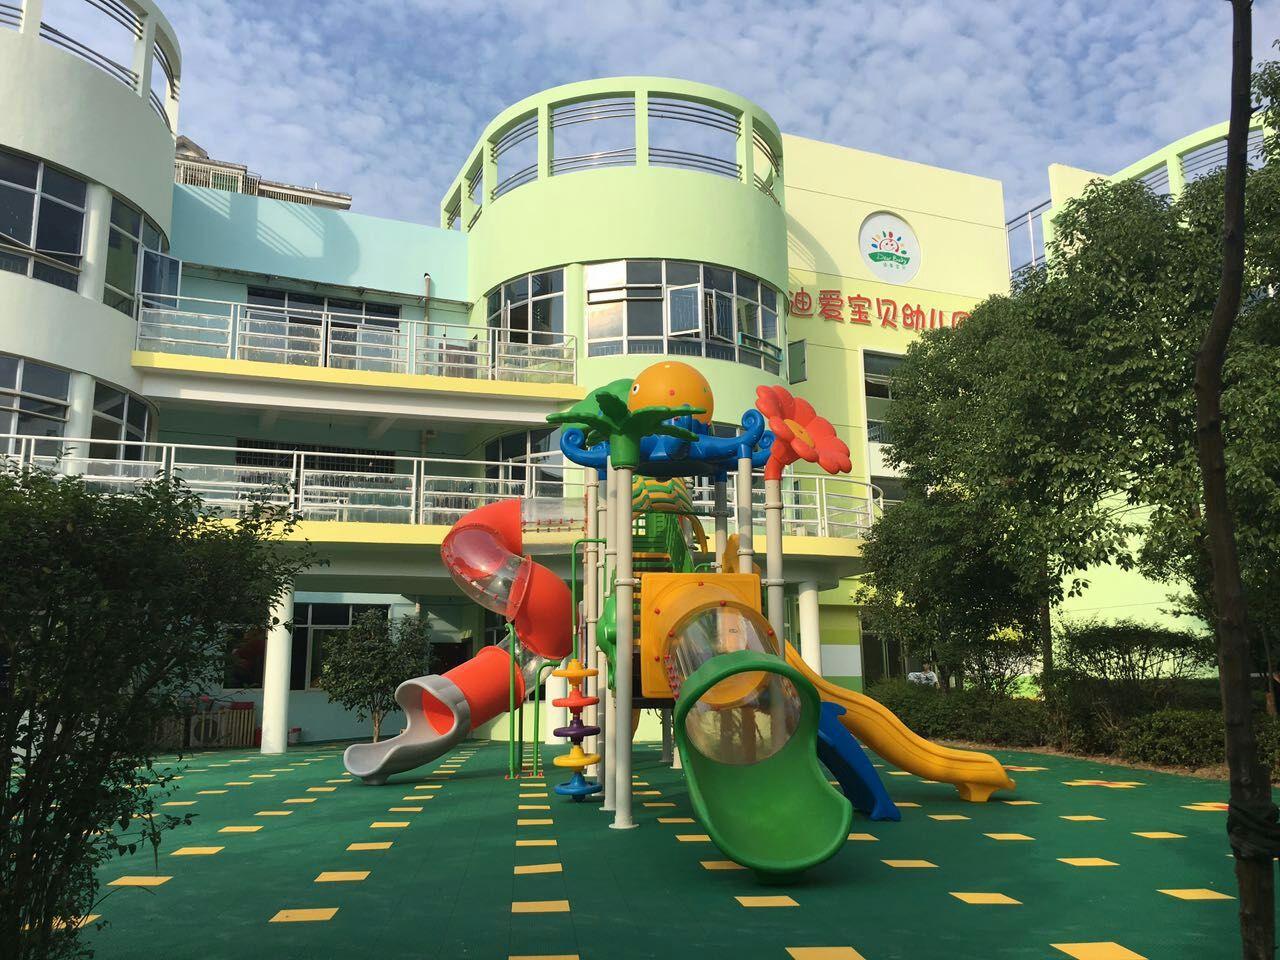 长沙市岳麓区迪爱宝贝幼儿园园所介绍